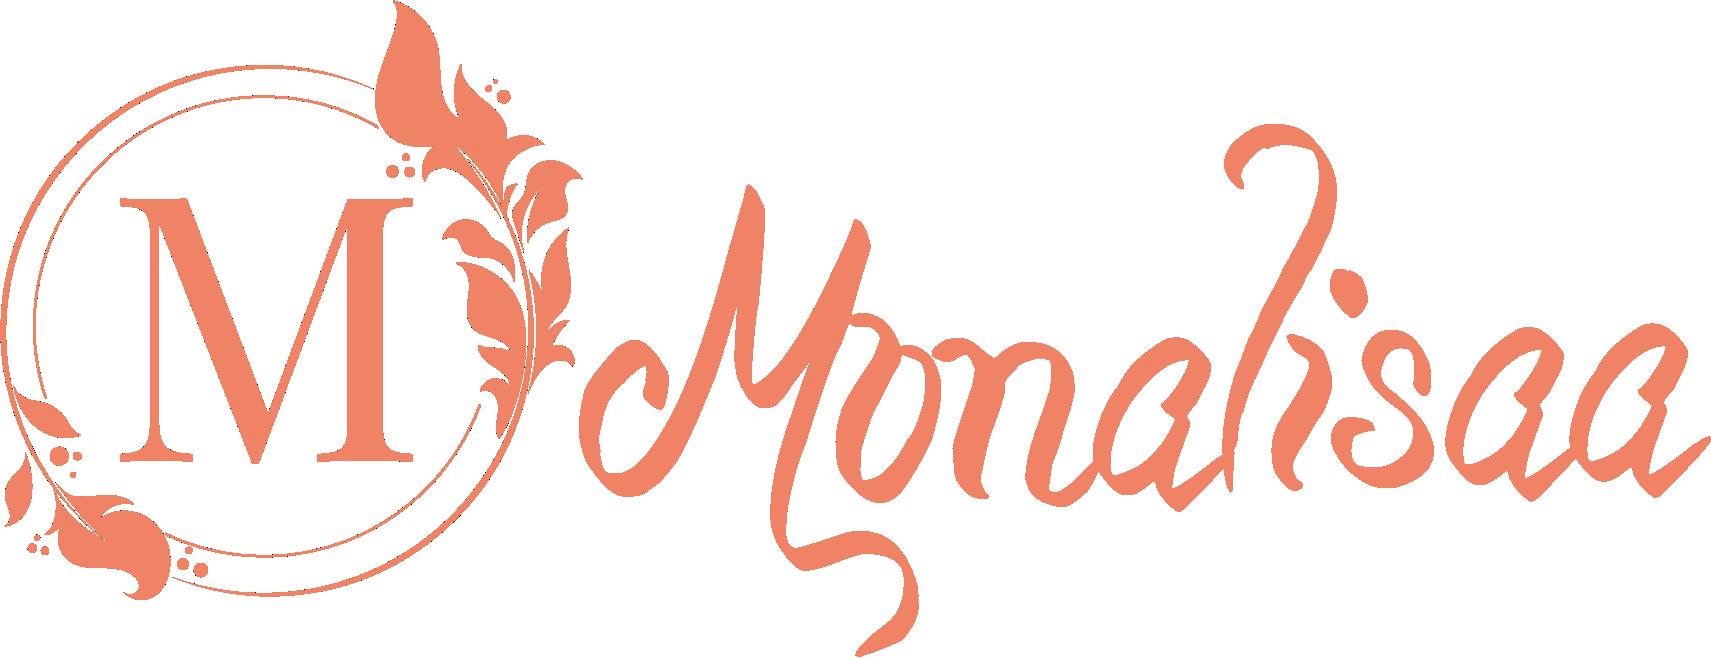 Monalisa